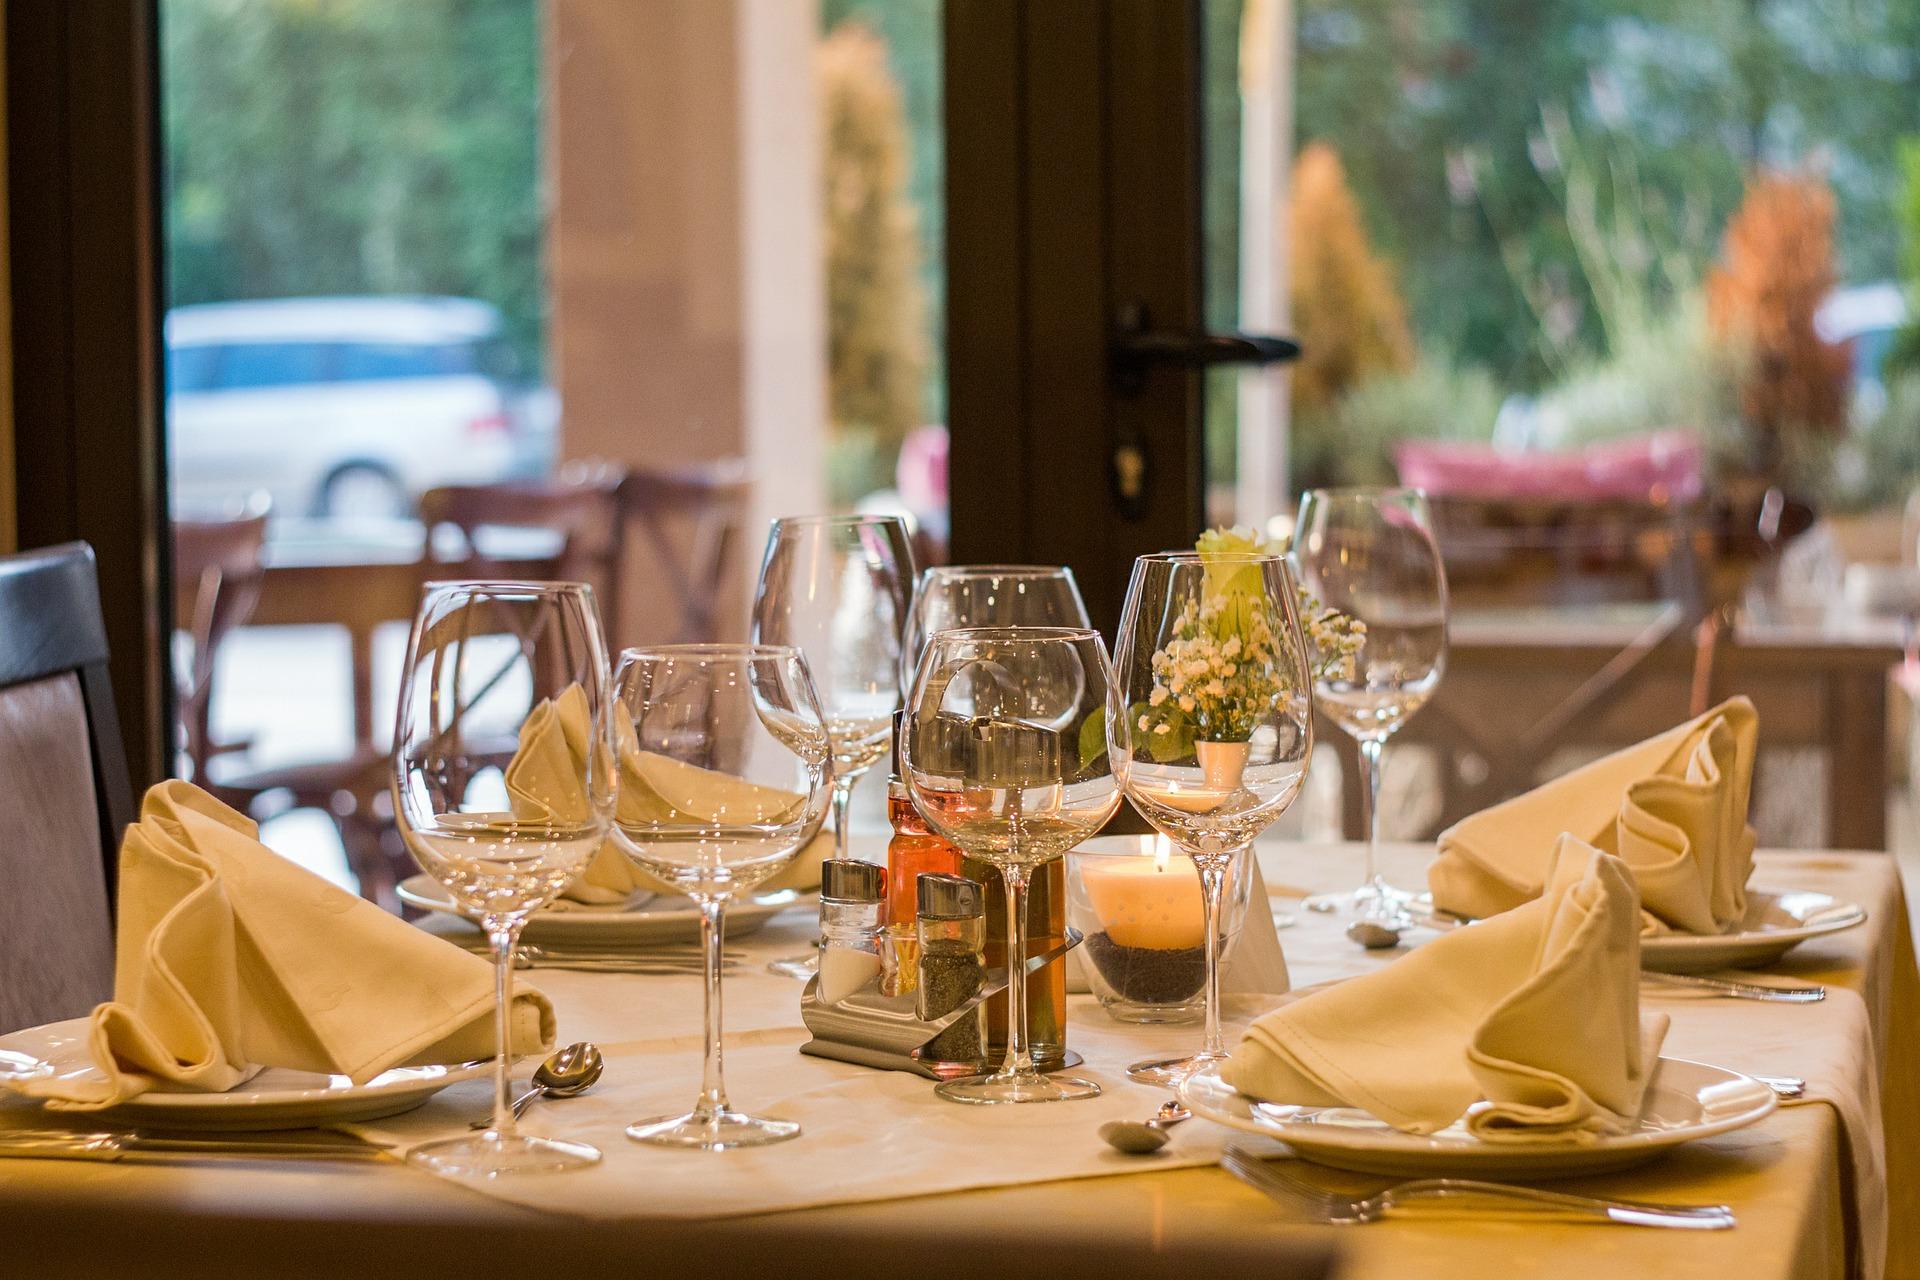 bästa restaurang på Södermalm | Biztrends